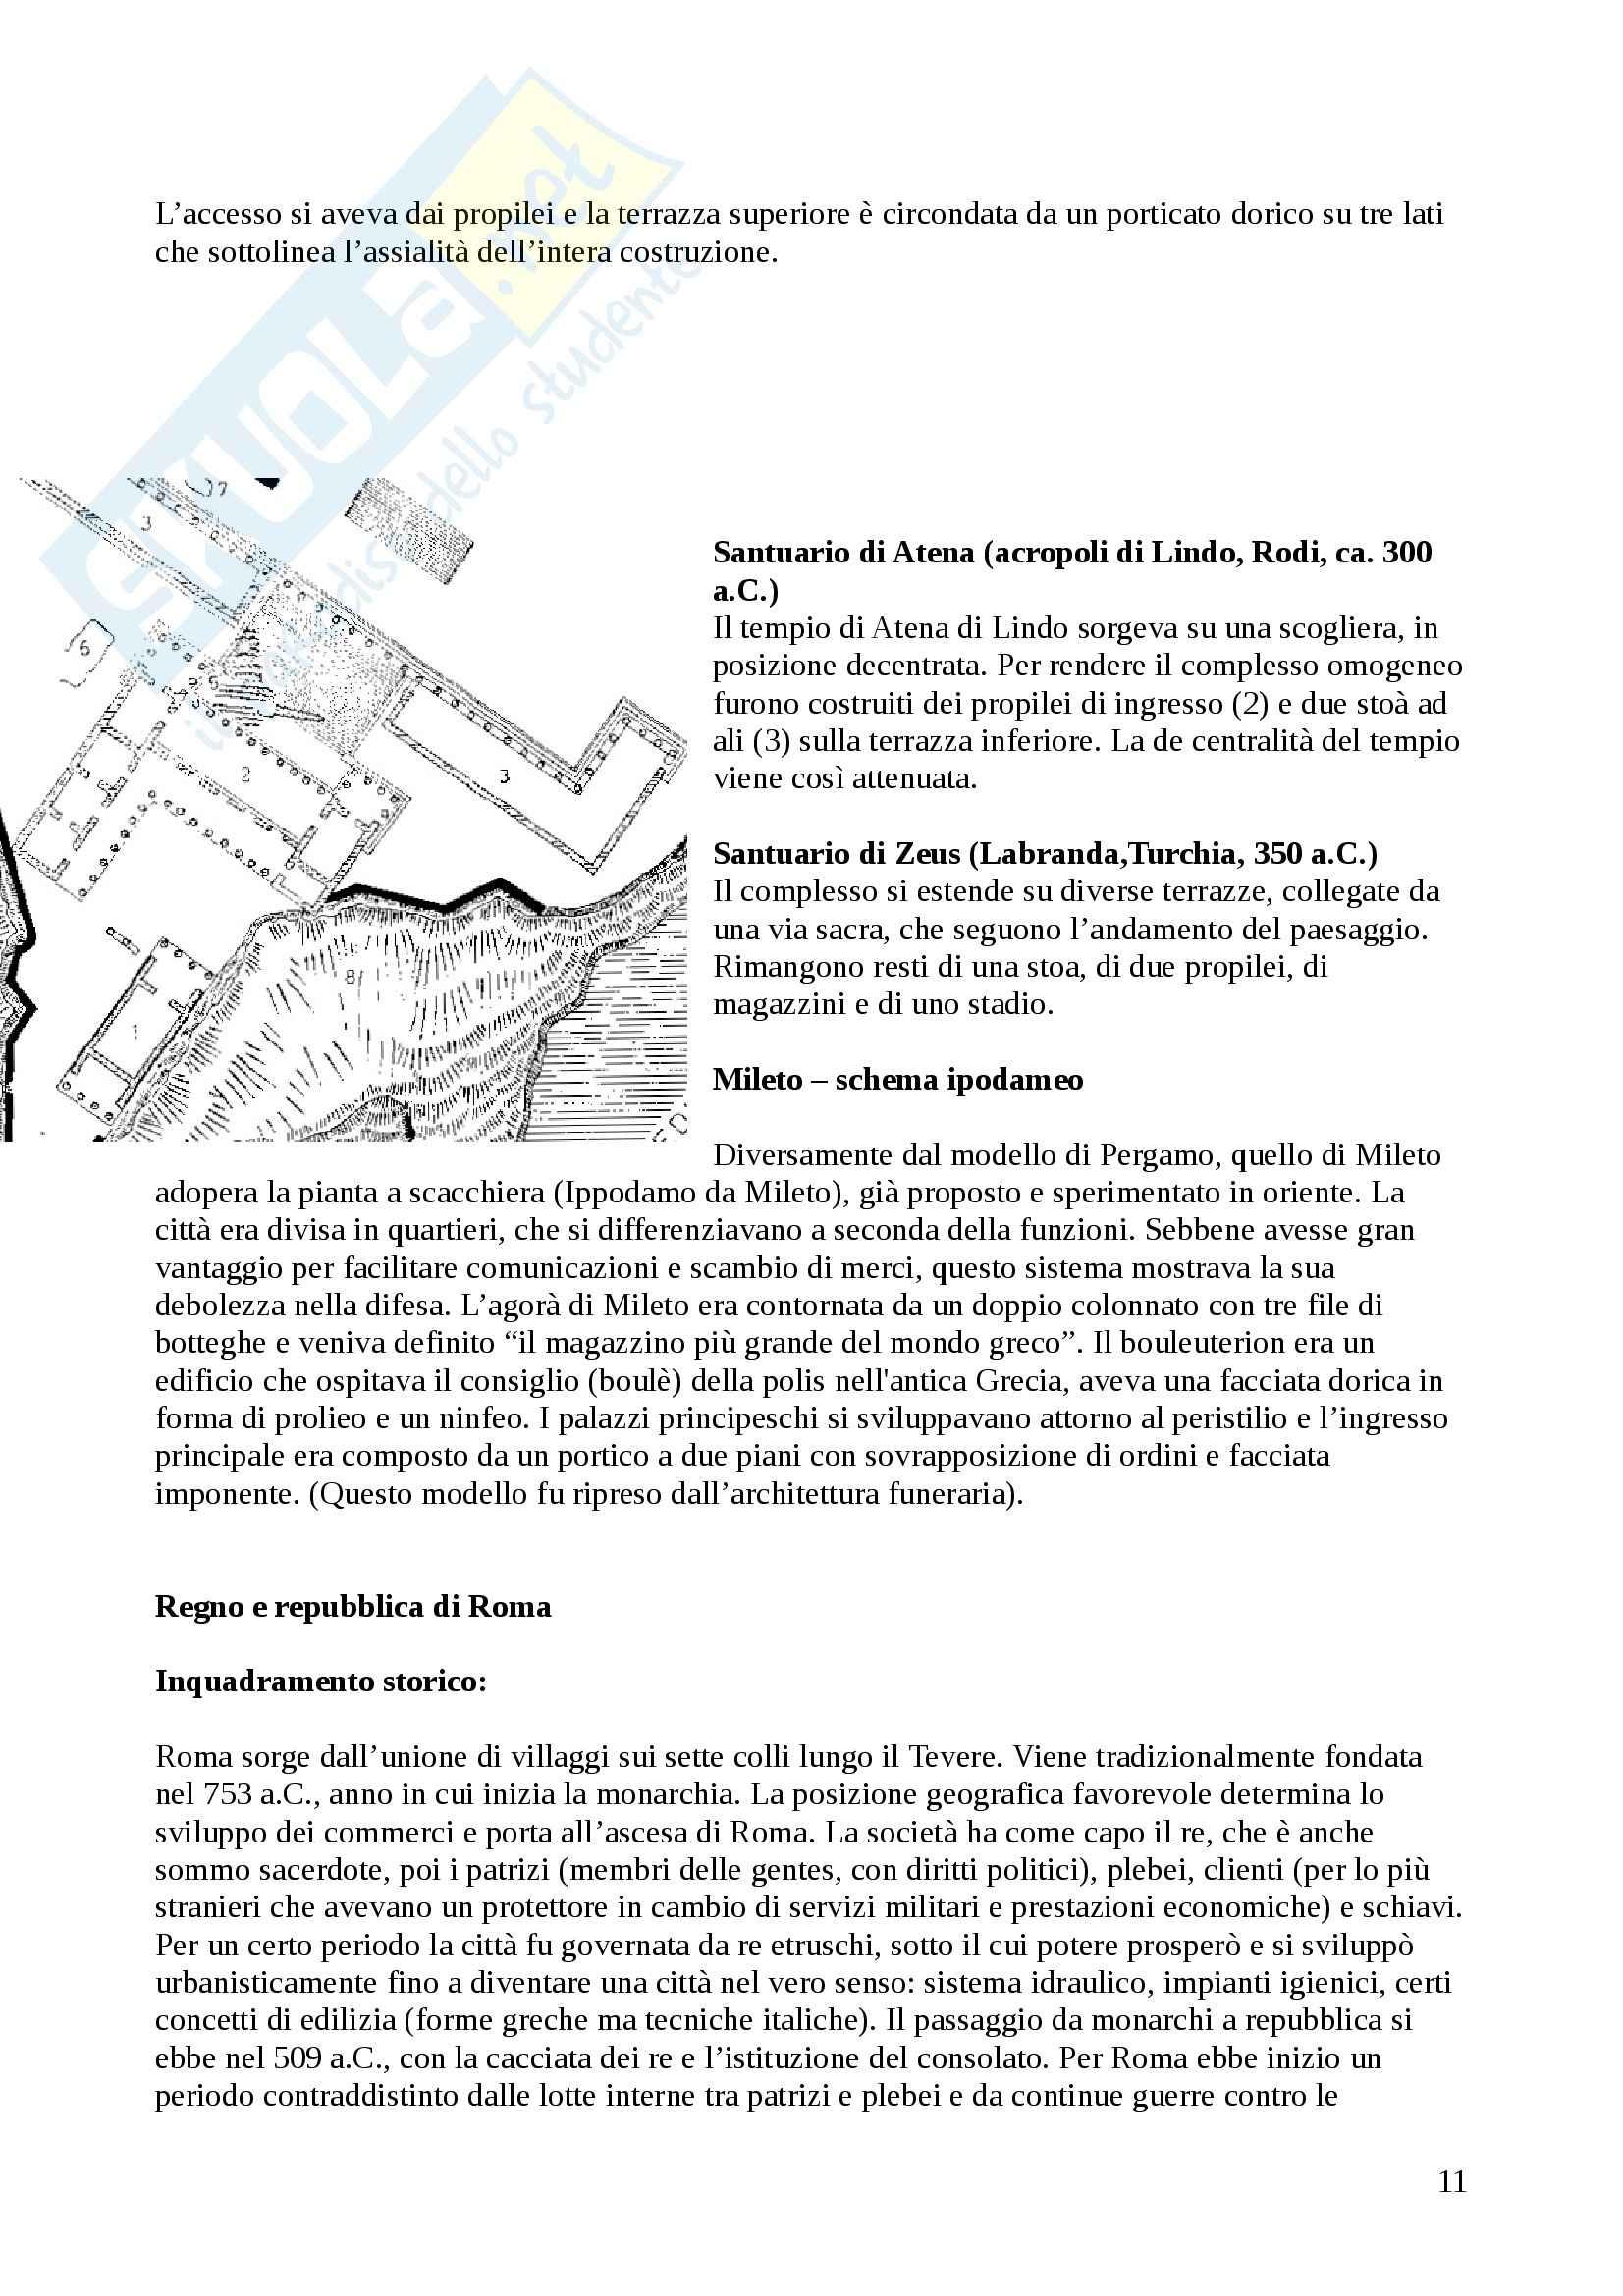 Appunti Storia dell'Architettura 1 (800 aC-1500) Pag. 11